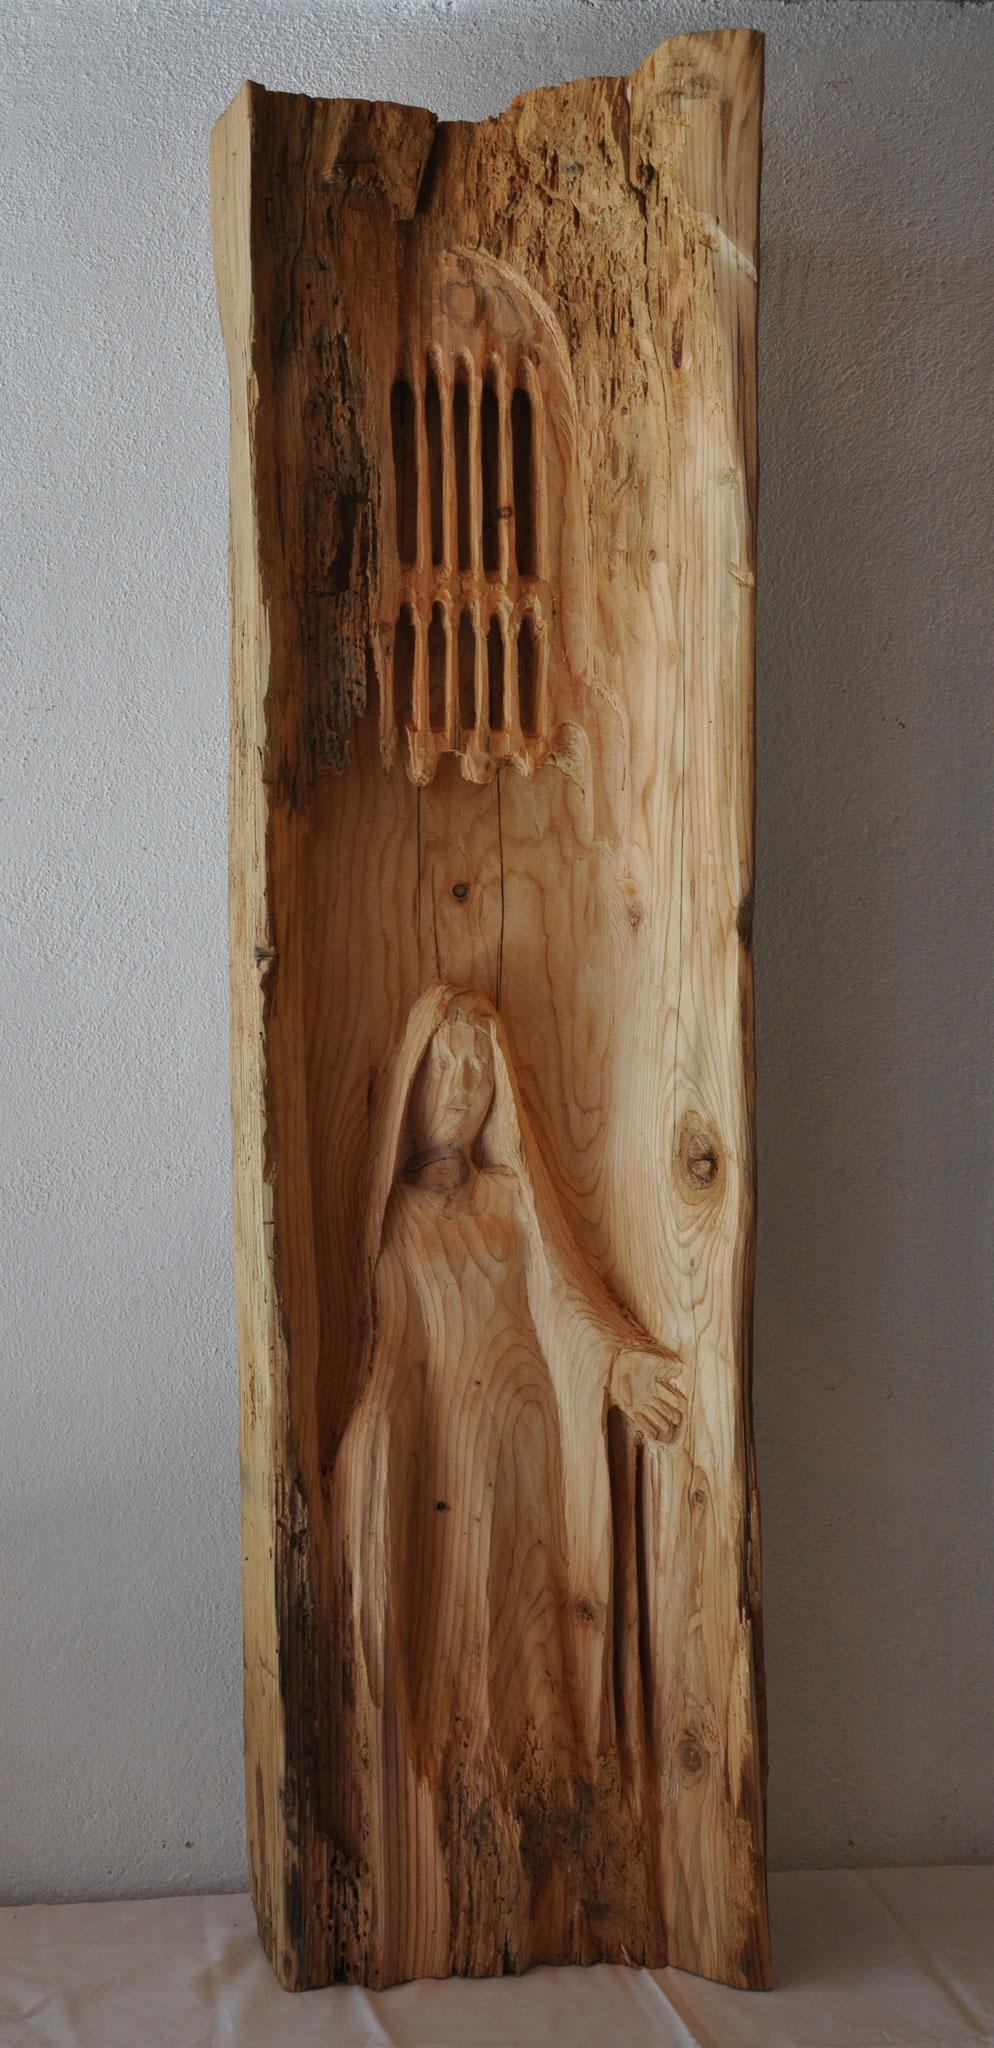 KOMM  (Fichte/Tanne  110 x 29 x 19 cm)